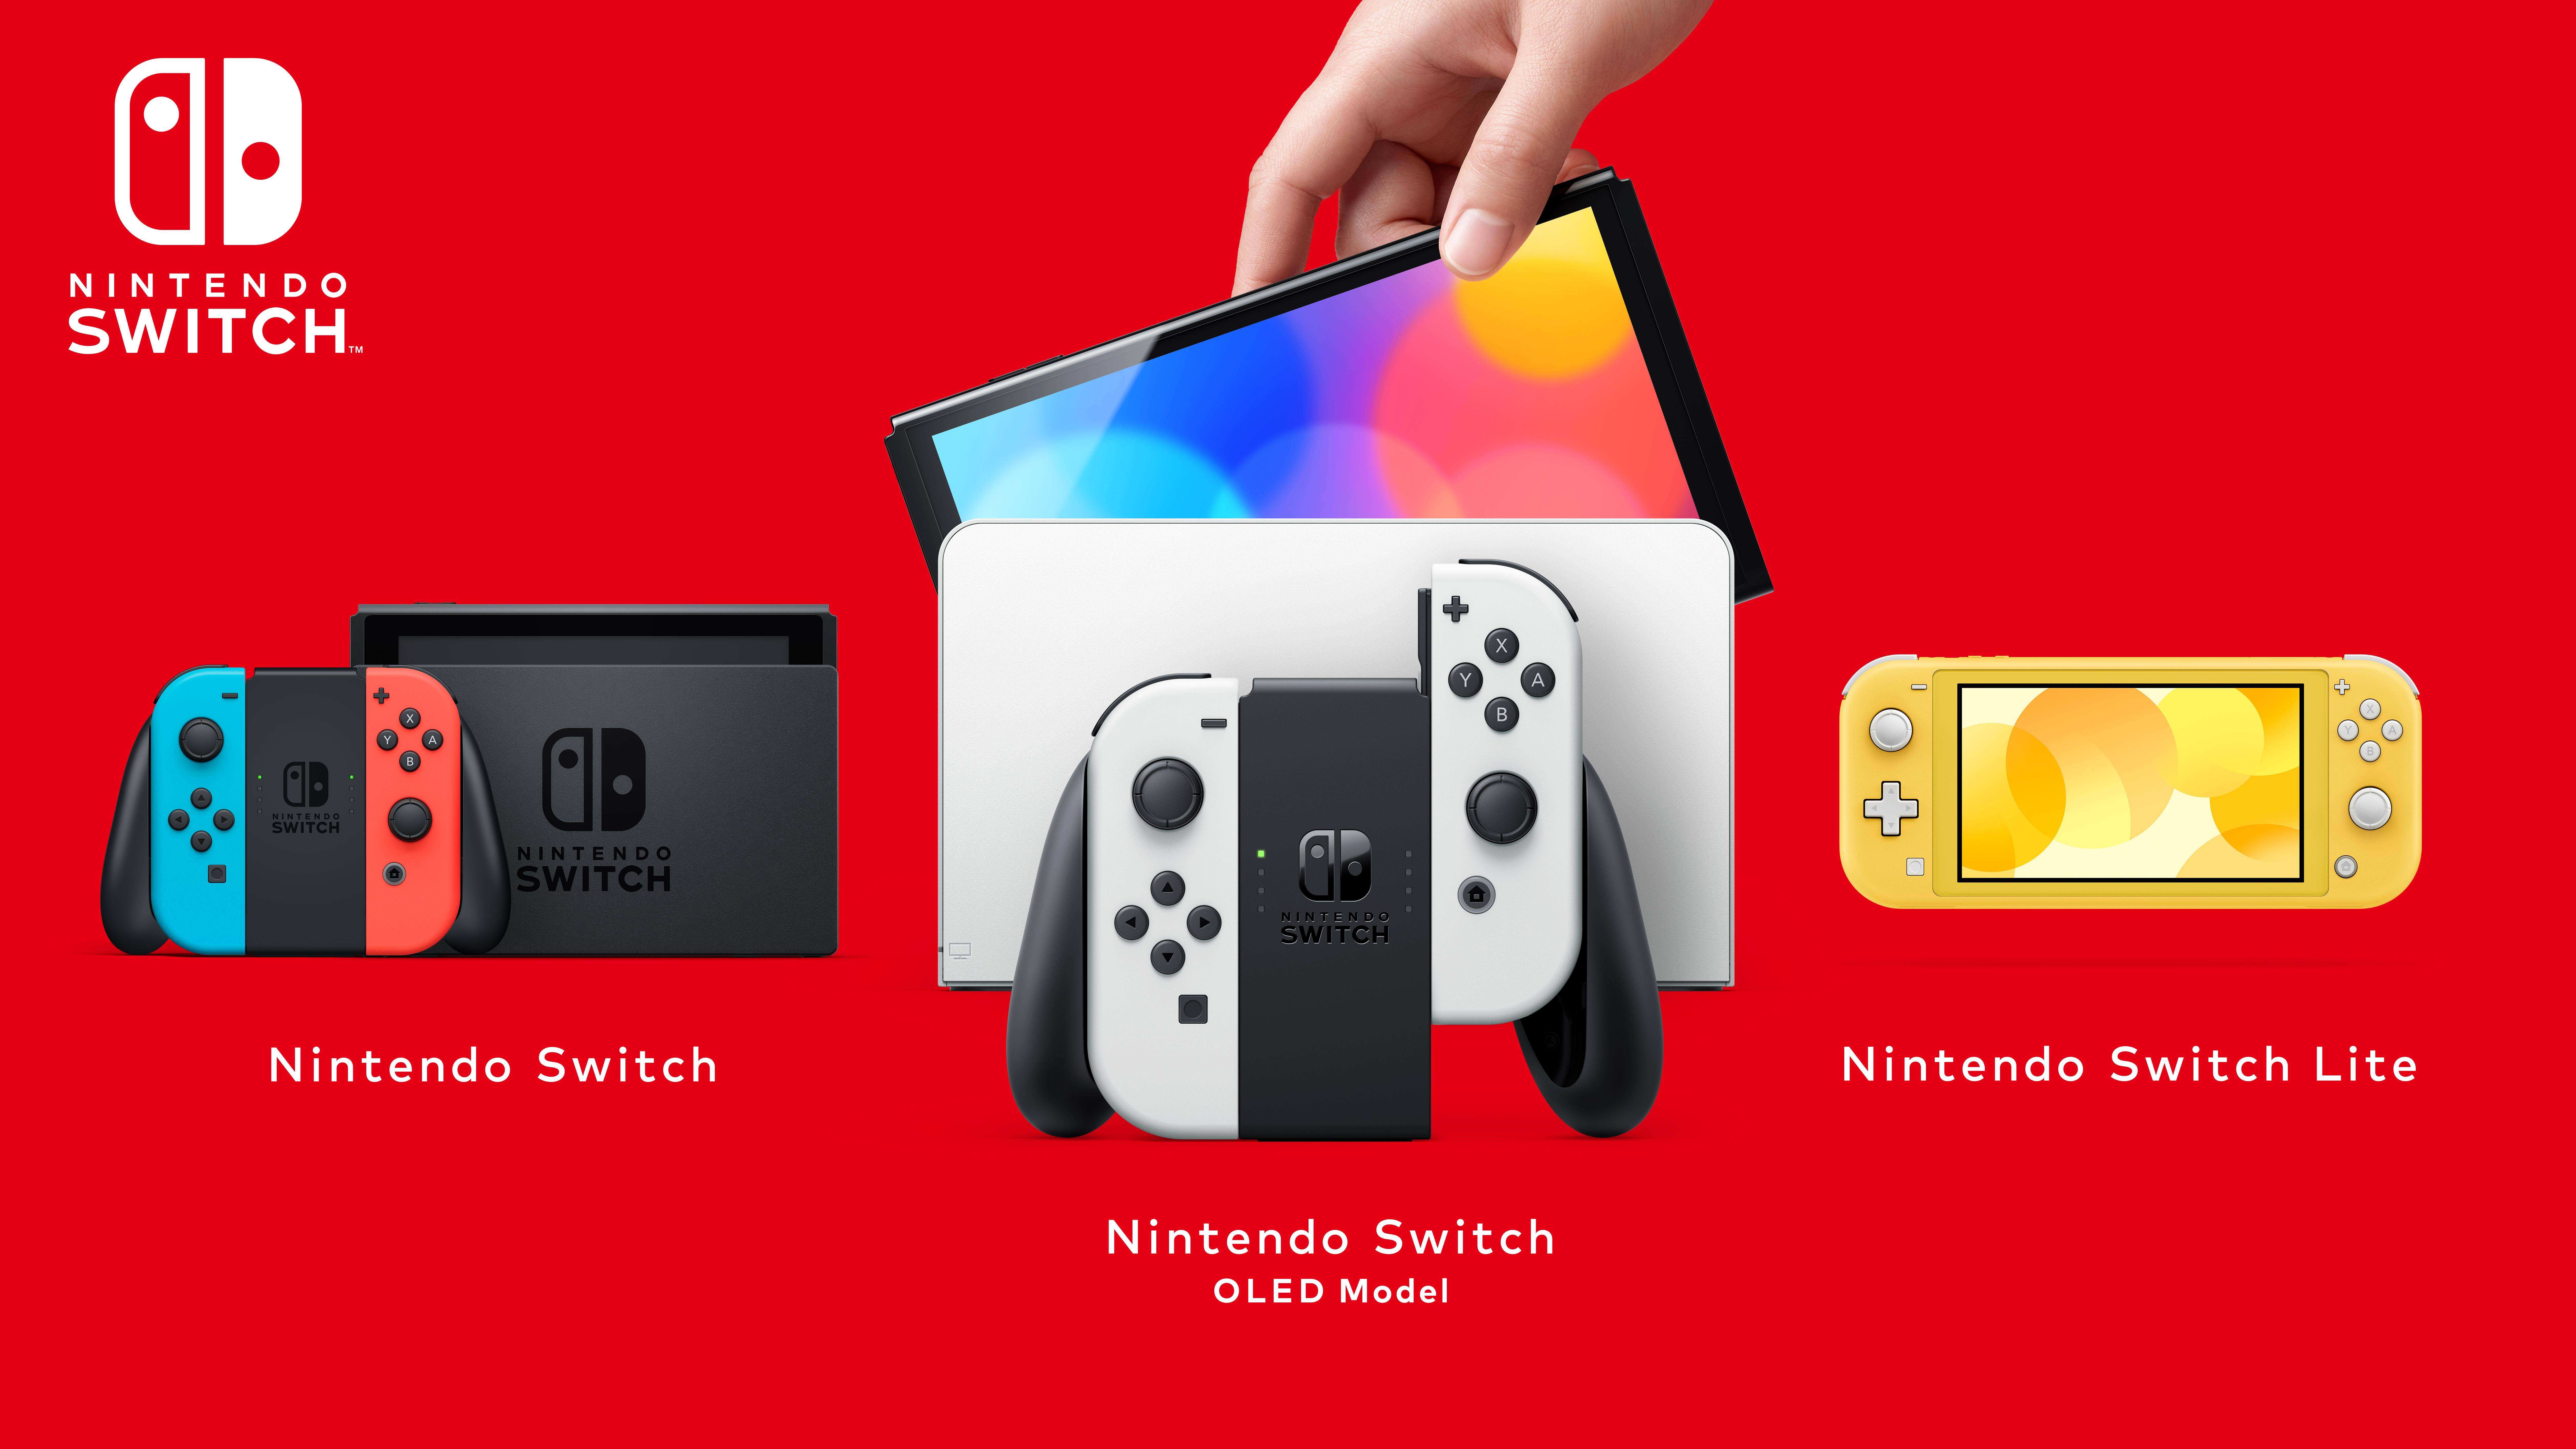 Les joueurs auront encore plus de choix cet automne alors que trois versions de la Nintendo Switch seront disponibles